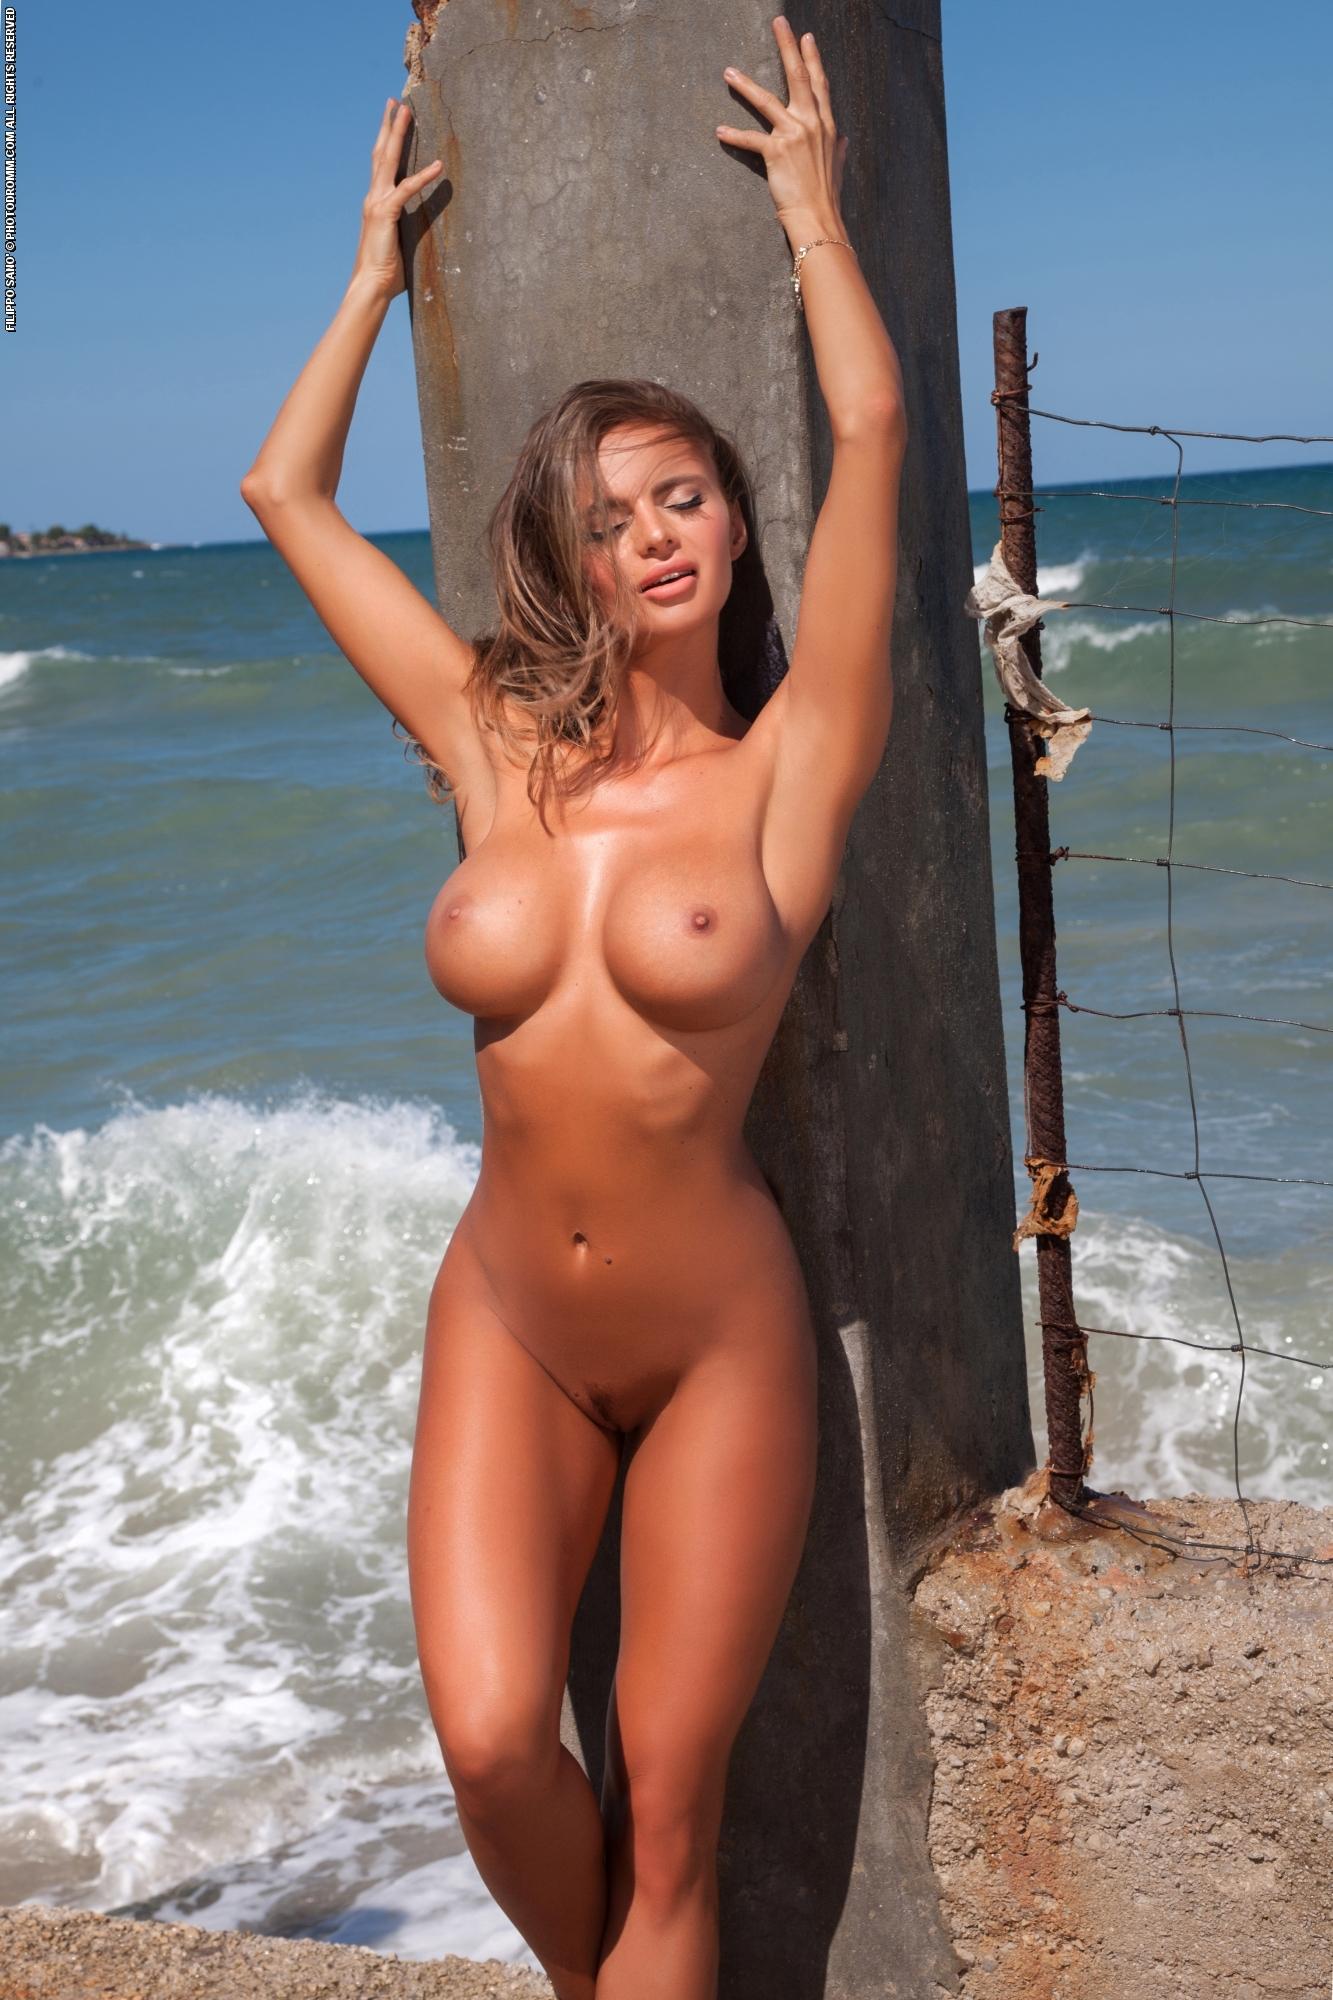 Teen dayna naked, coke commercial nipples girl